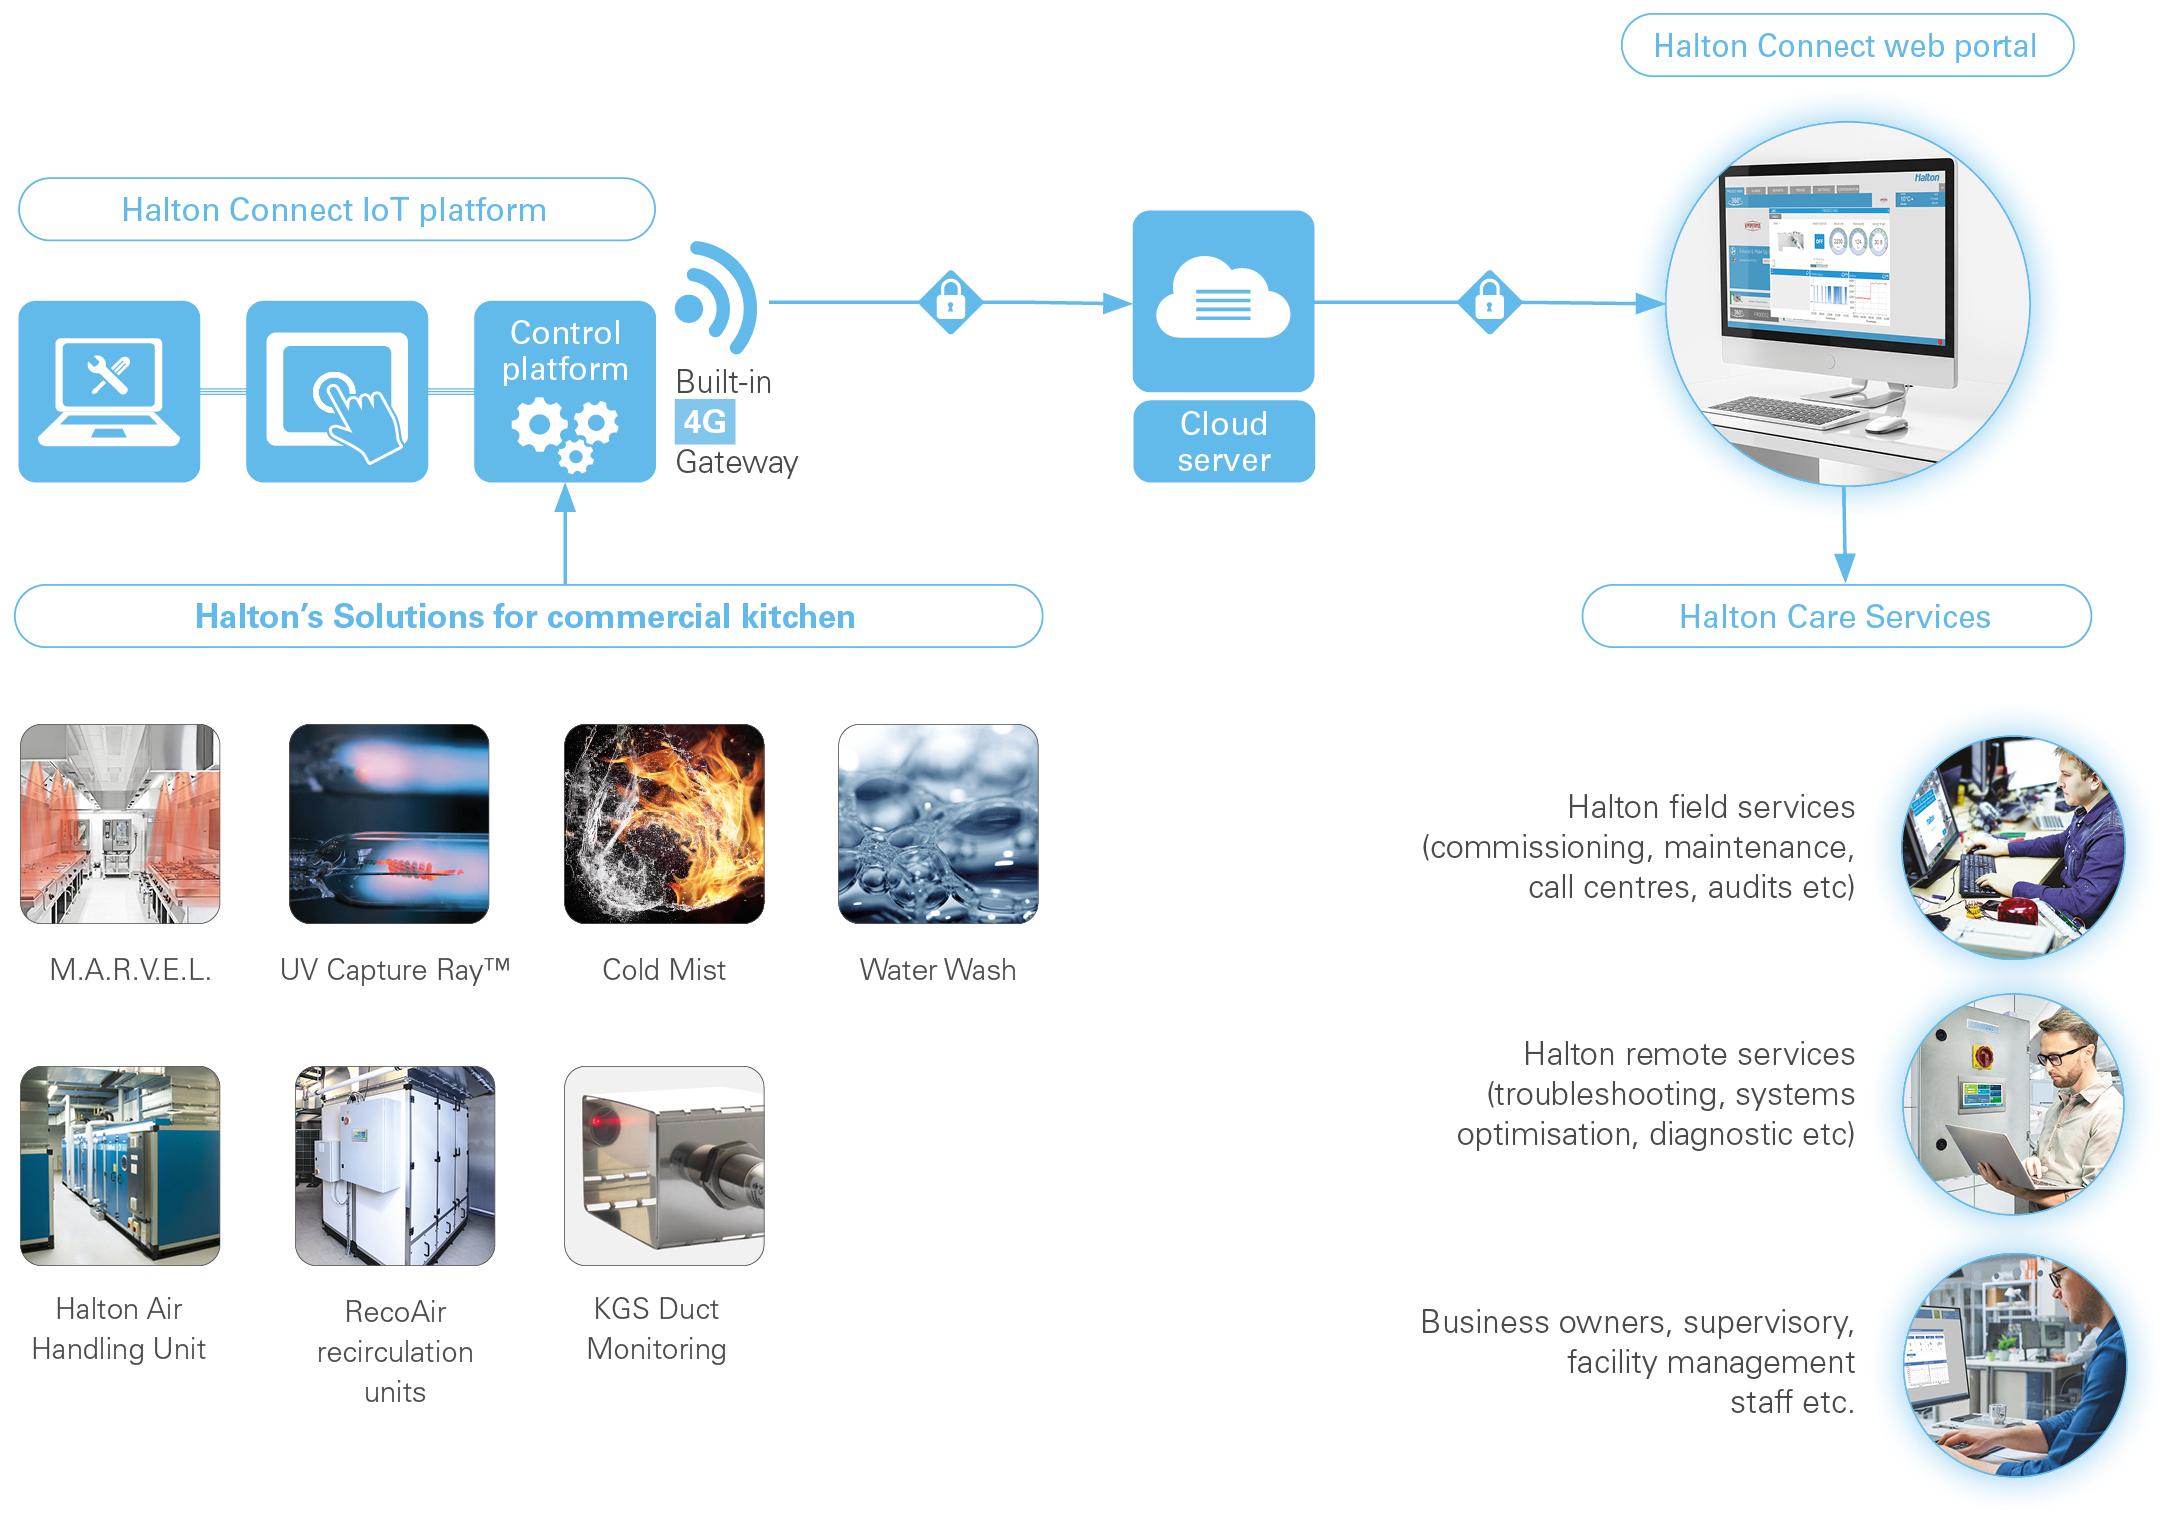 Services intelligents Halton Connect and Care pour les cuisines commerciales - Plateforme Halton Connect IdO (Internet of Things)